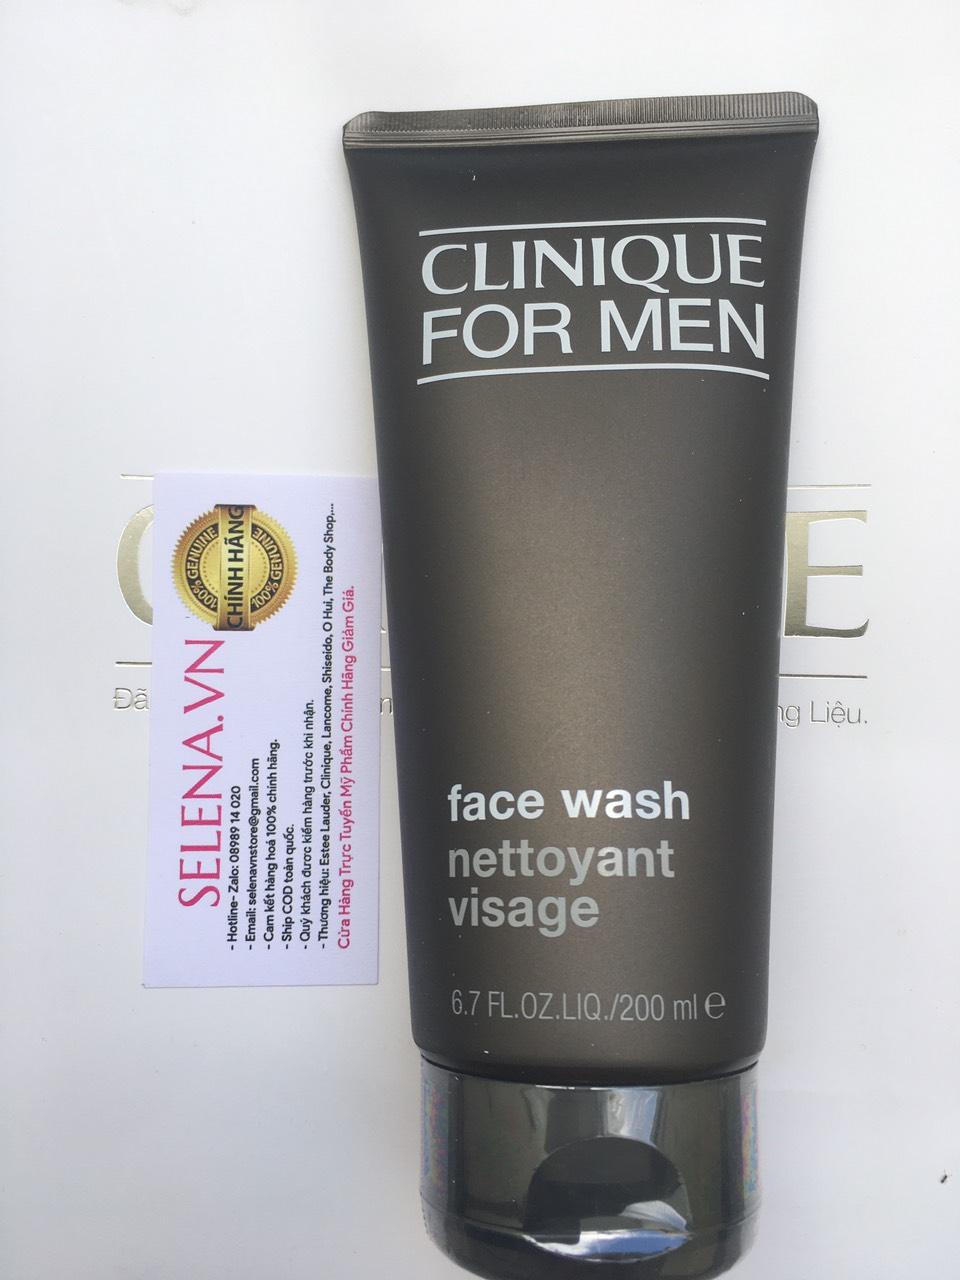 Sữa rửa mặt cho nam da thường- khô kết hợp các thành phần độc đáo với khả năng dưỡng ẩm và ngăn ngừa lão hóa da, nhẹ nhàng làm sạch làn da nam giới, cho làn da mềm mại và mịn màng hơn sau mỗi lần sử dụng.